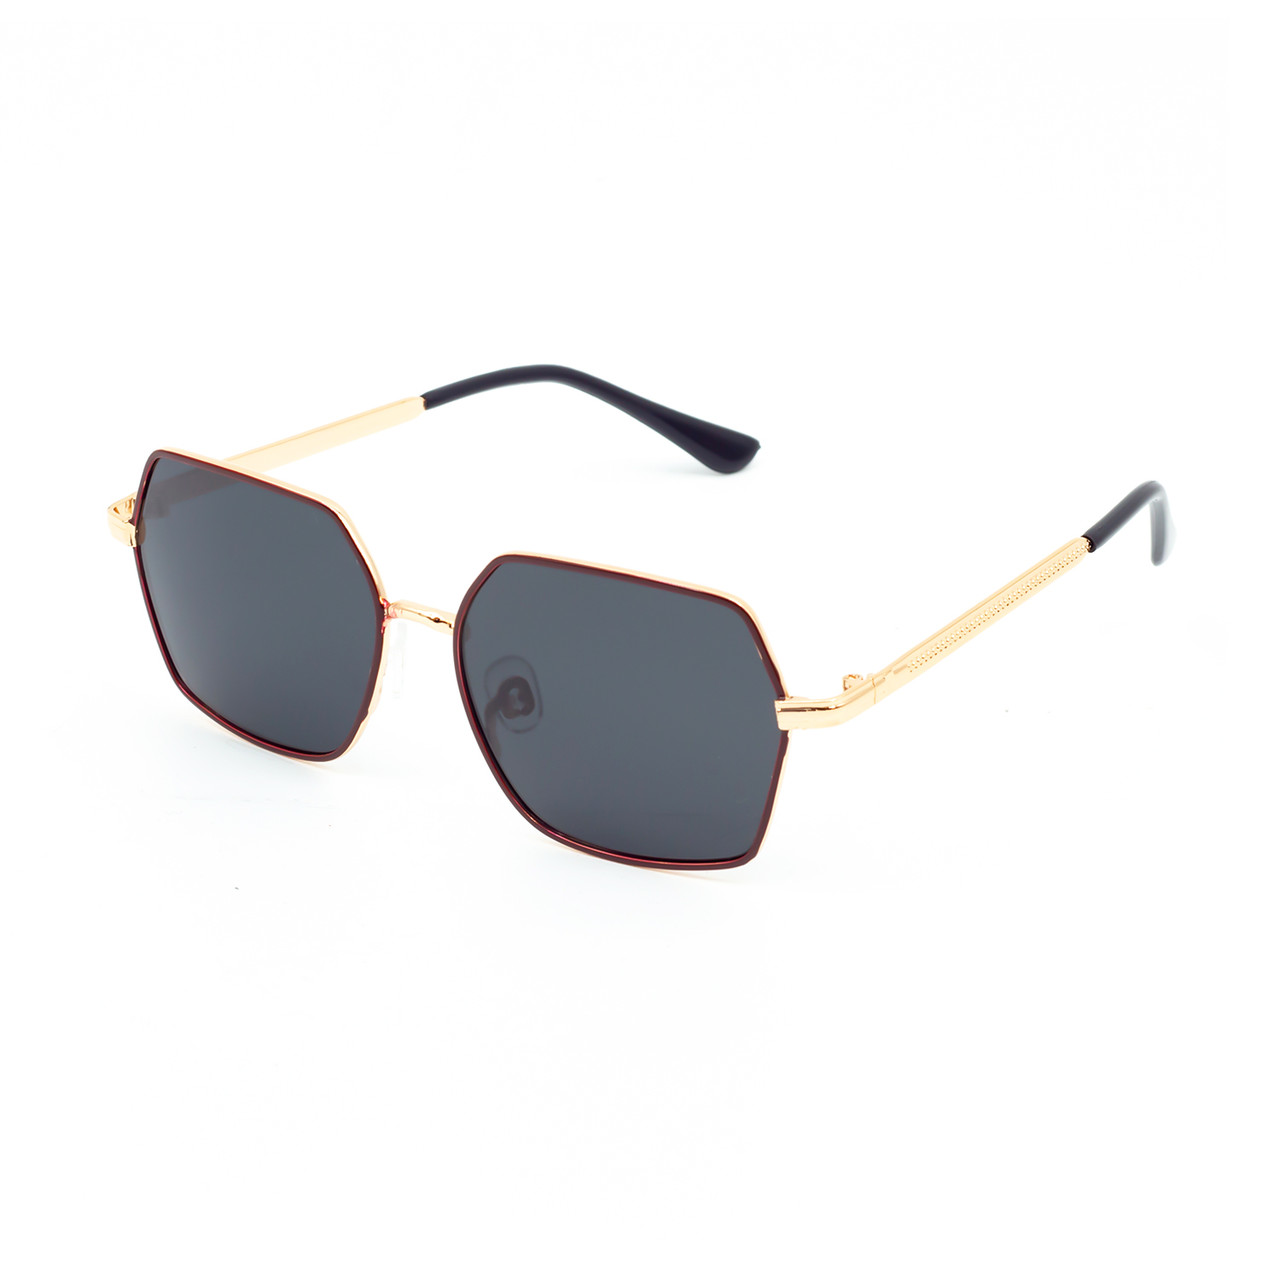 Солнцезащитные очки Marmilen 1029 C4 коричневые     ( 1029-04 )